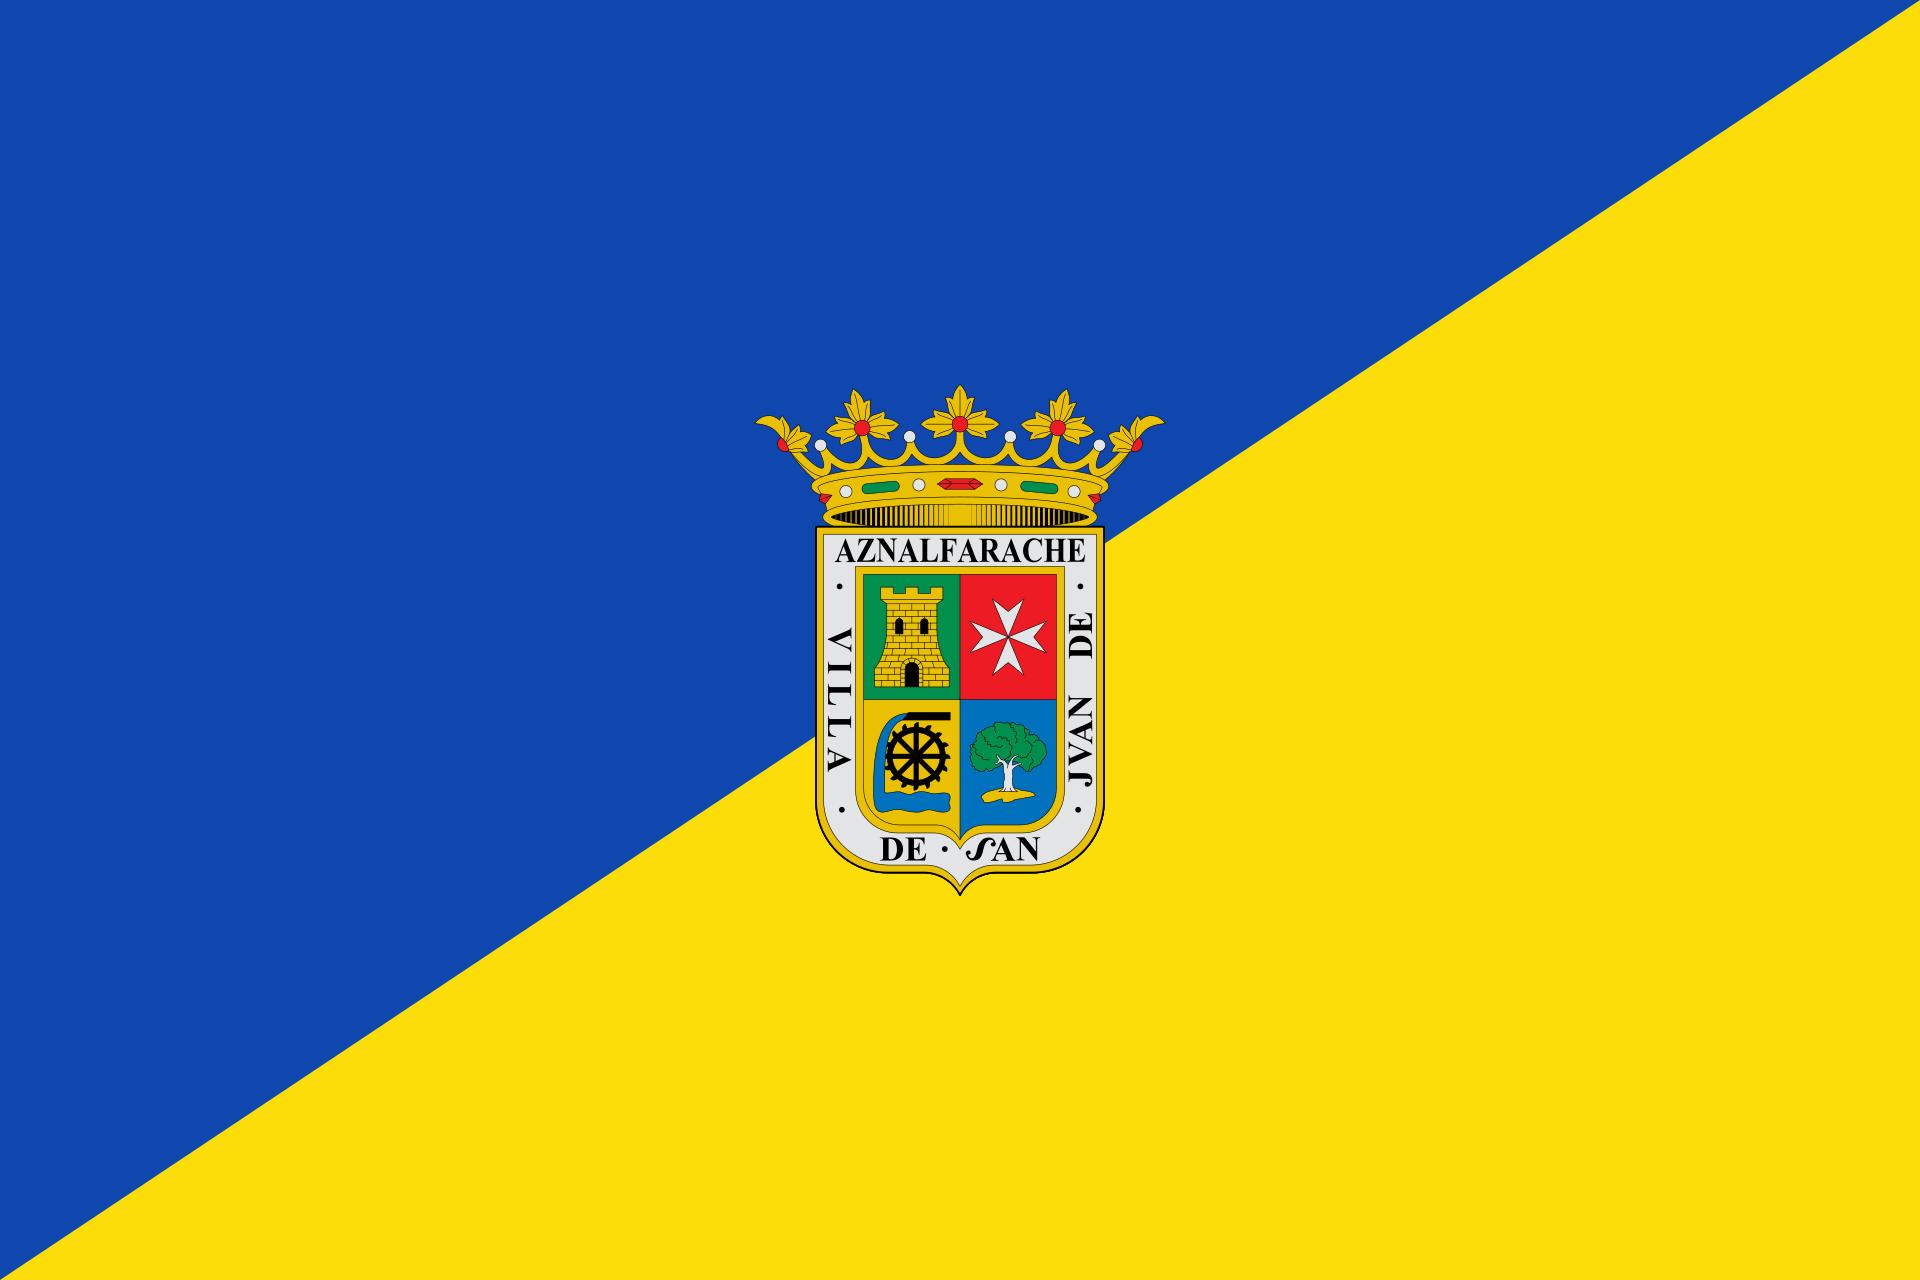 Traducciones San Juan de Aznalfarache y traductores San Juan de Aznalfarache